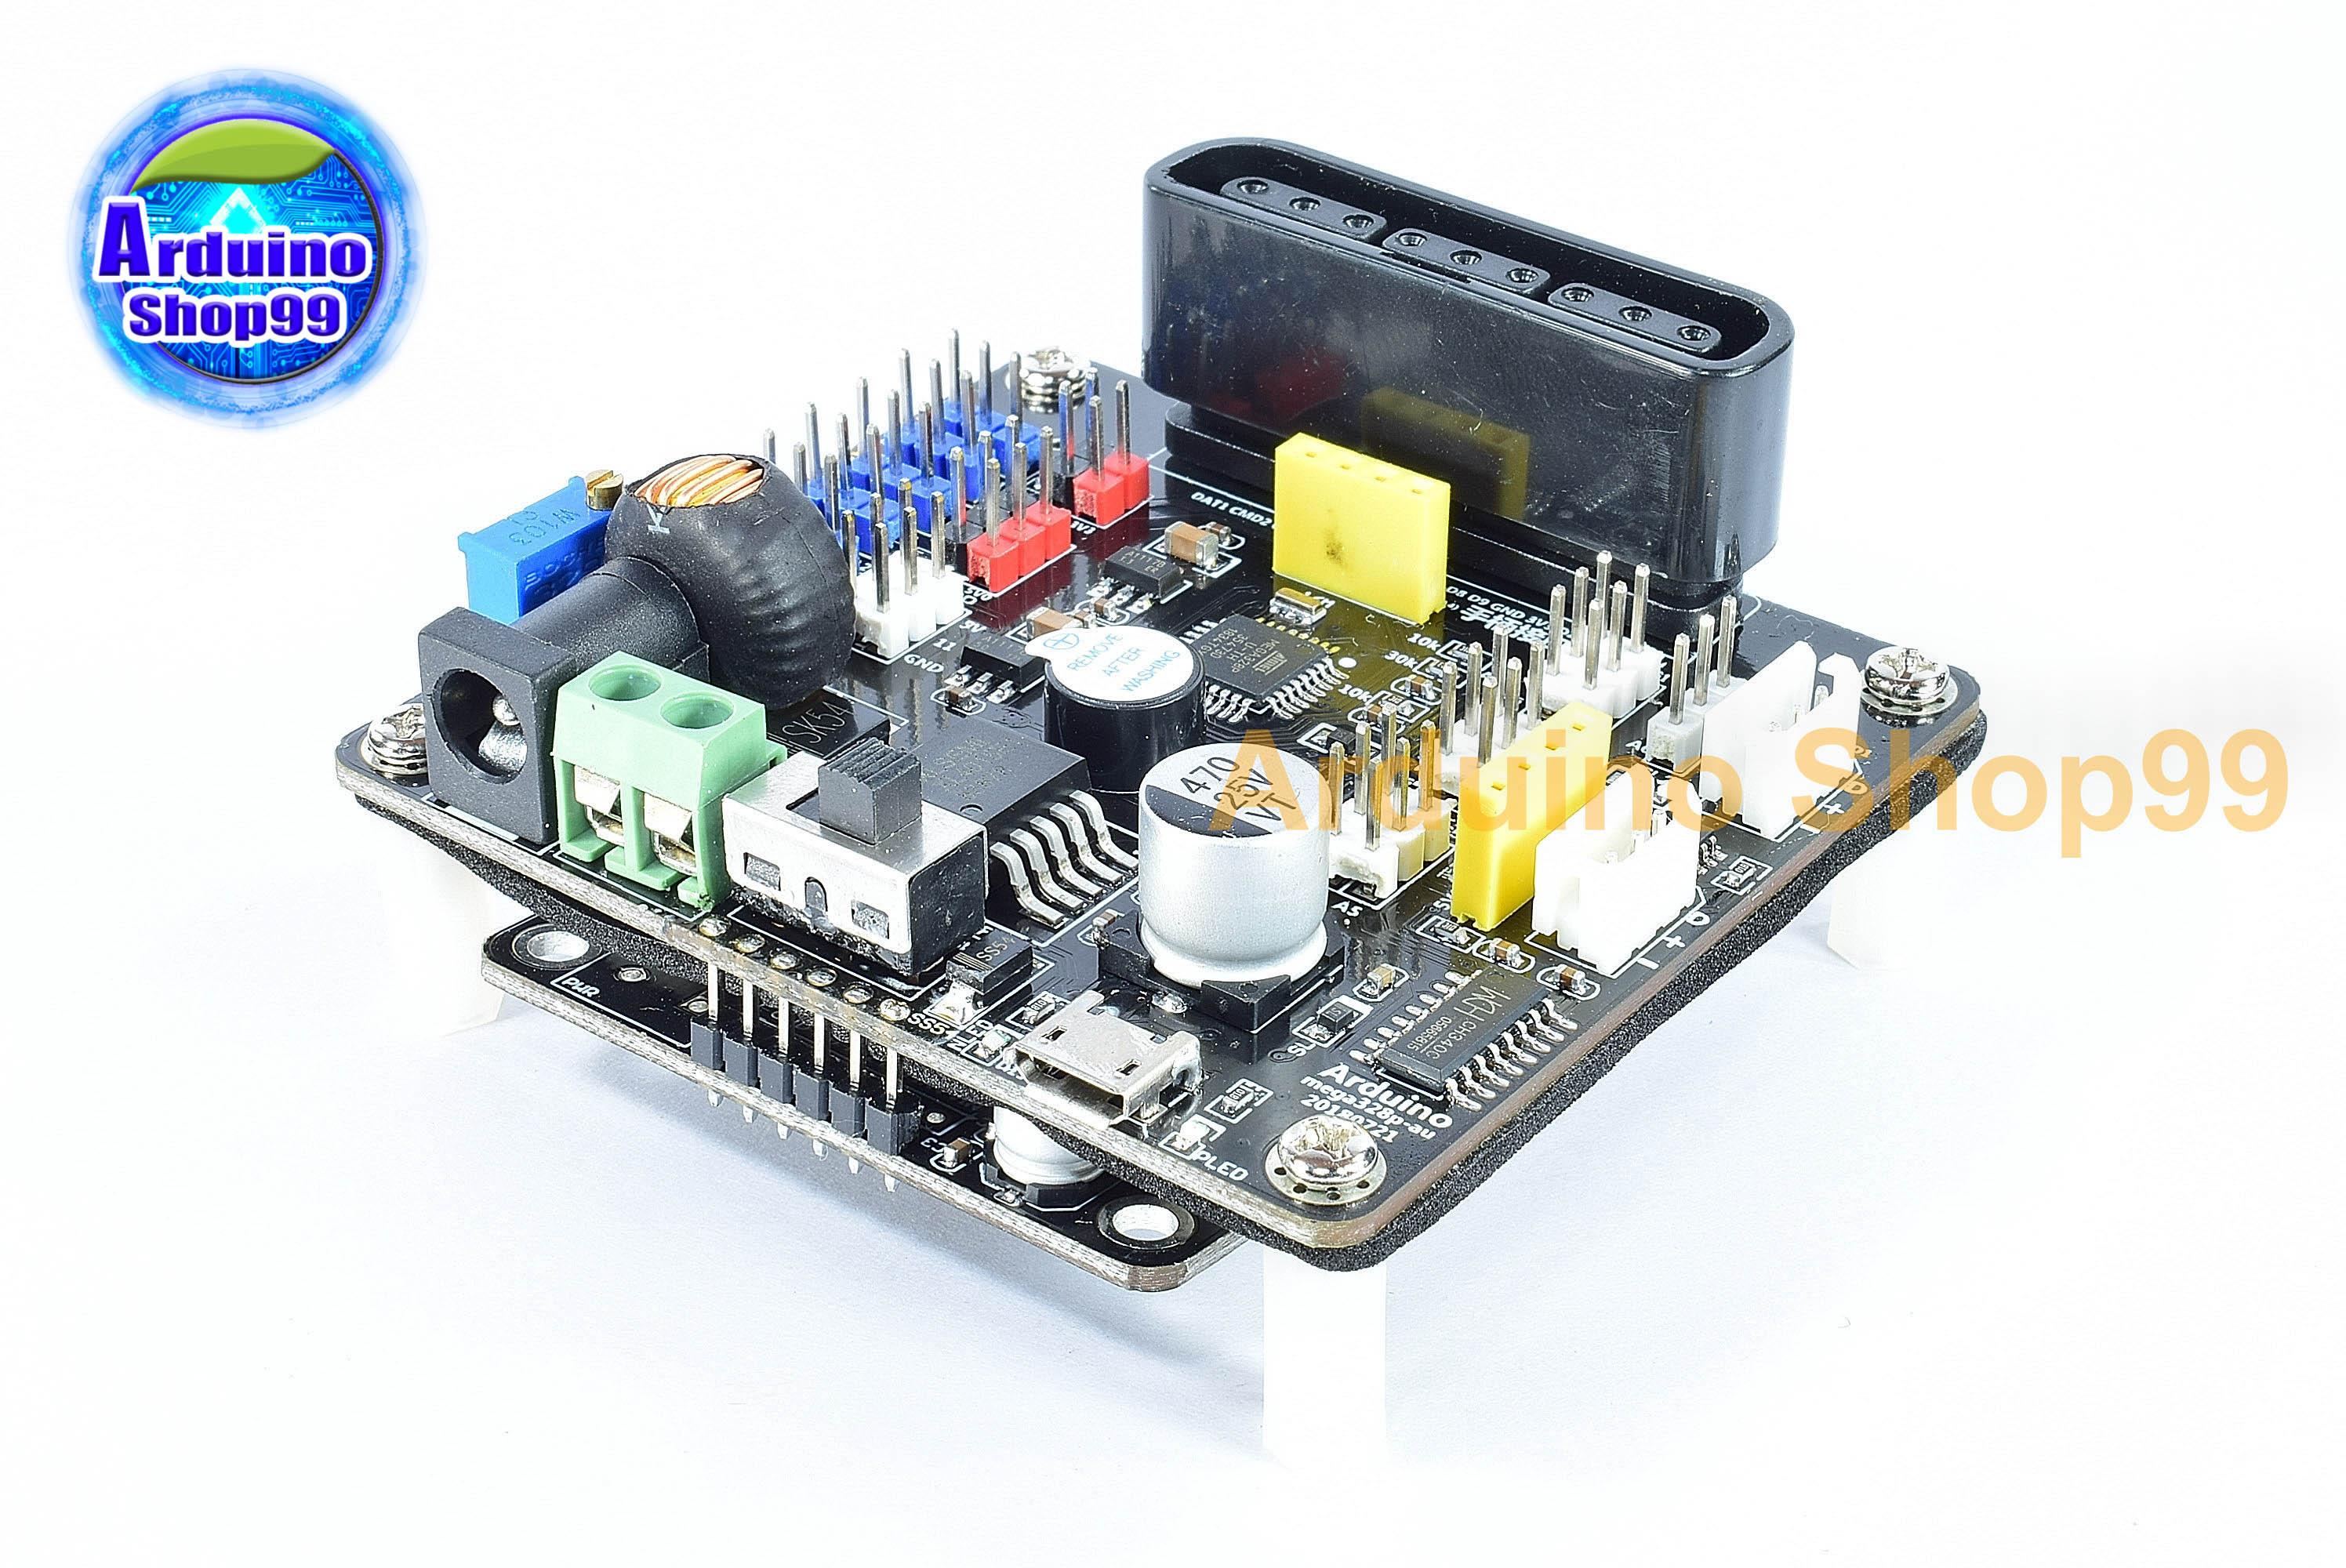 Fv 1 arduino